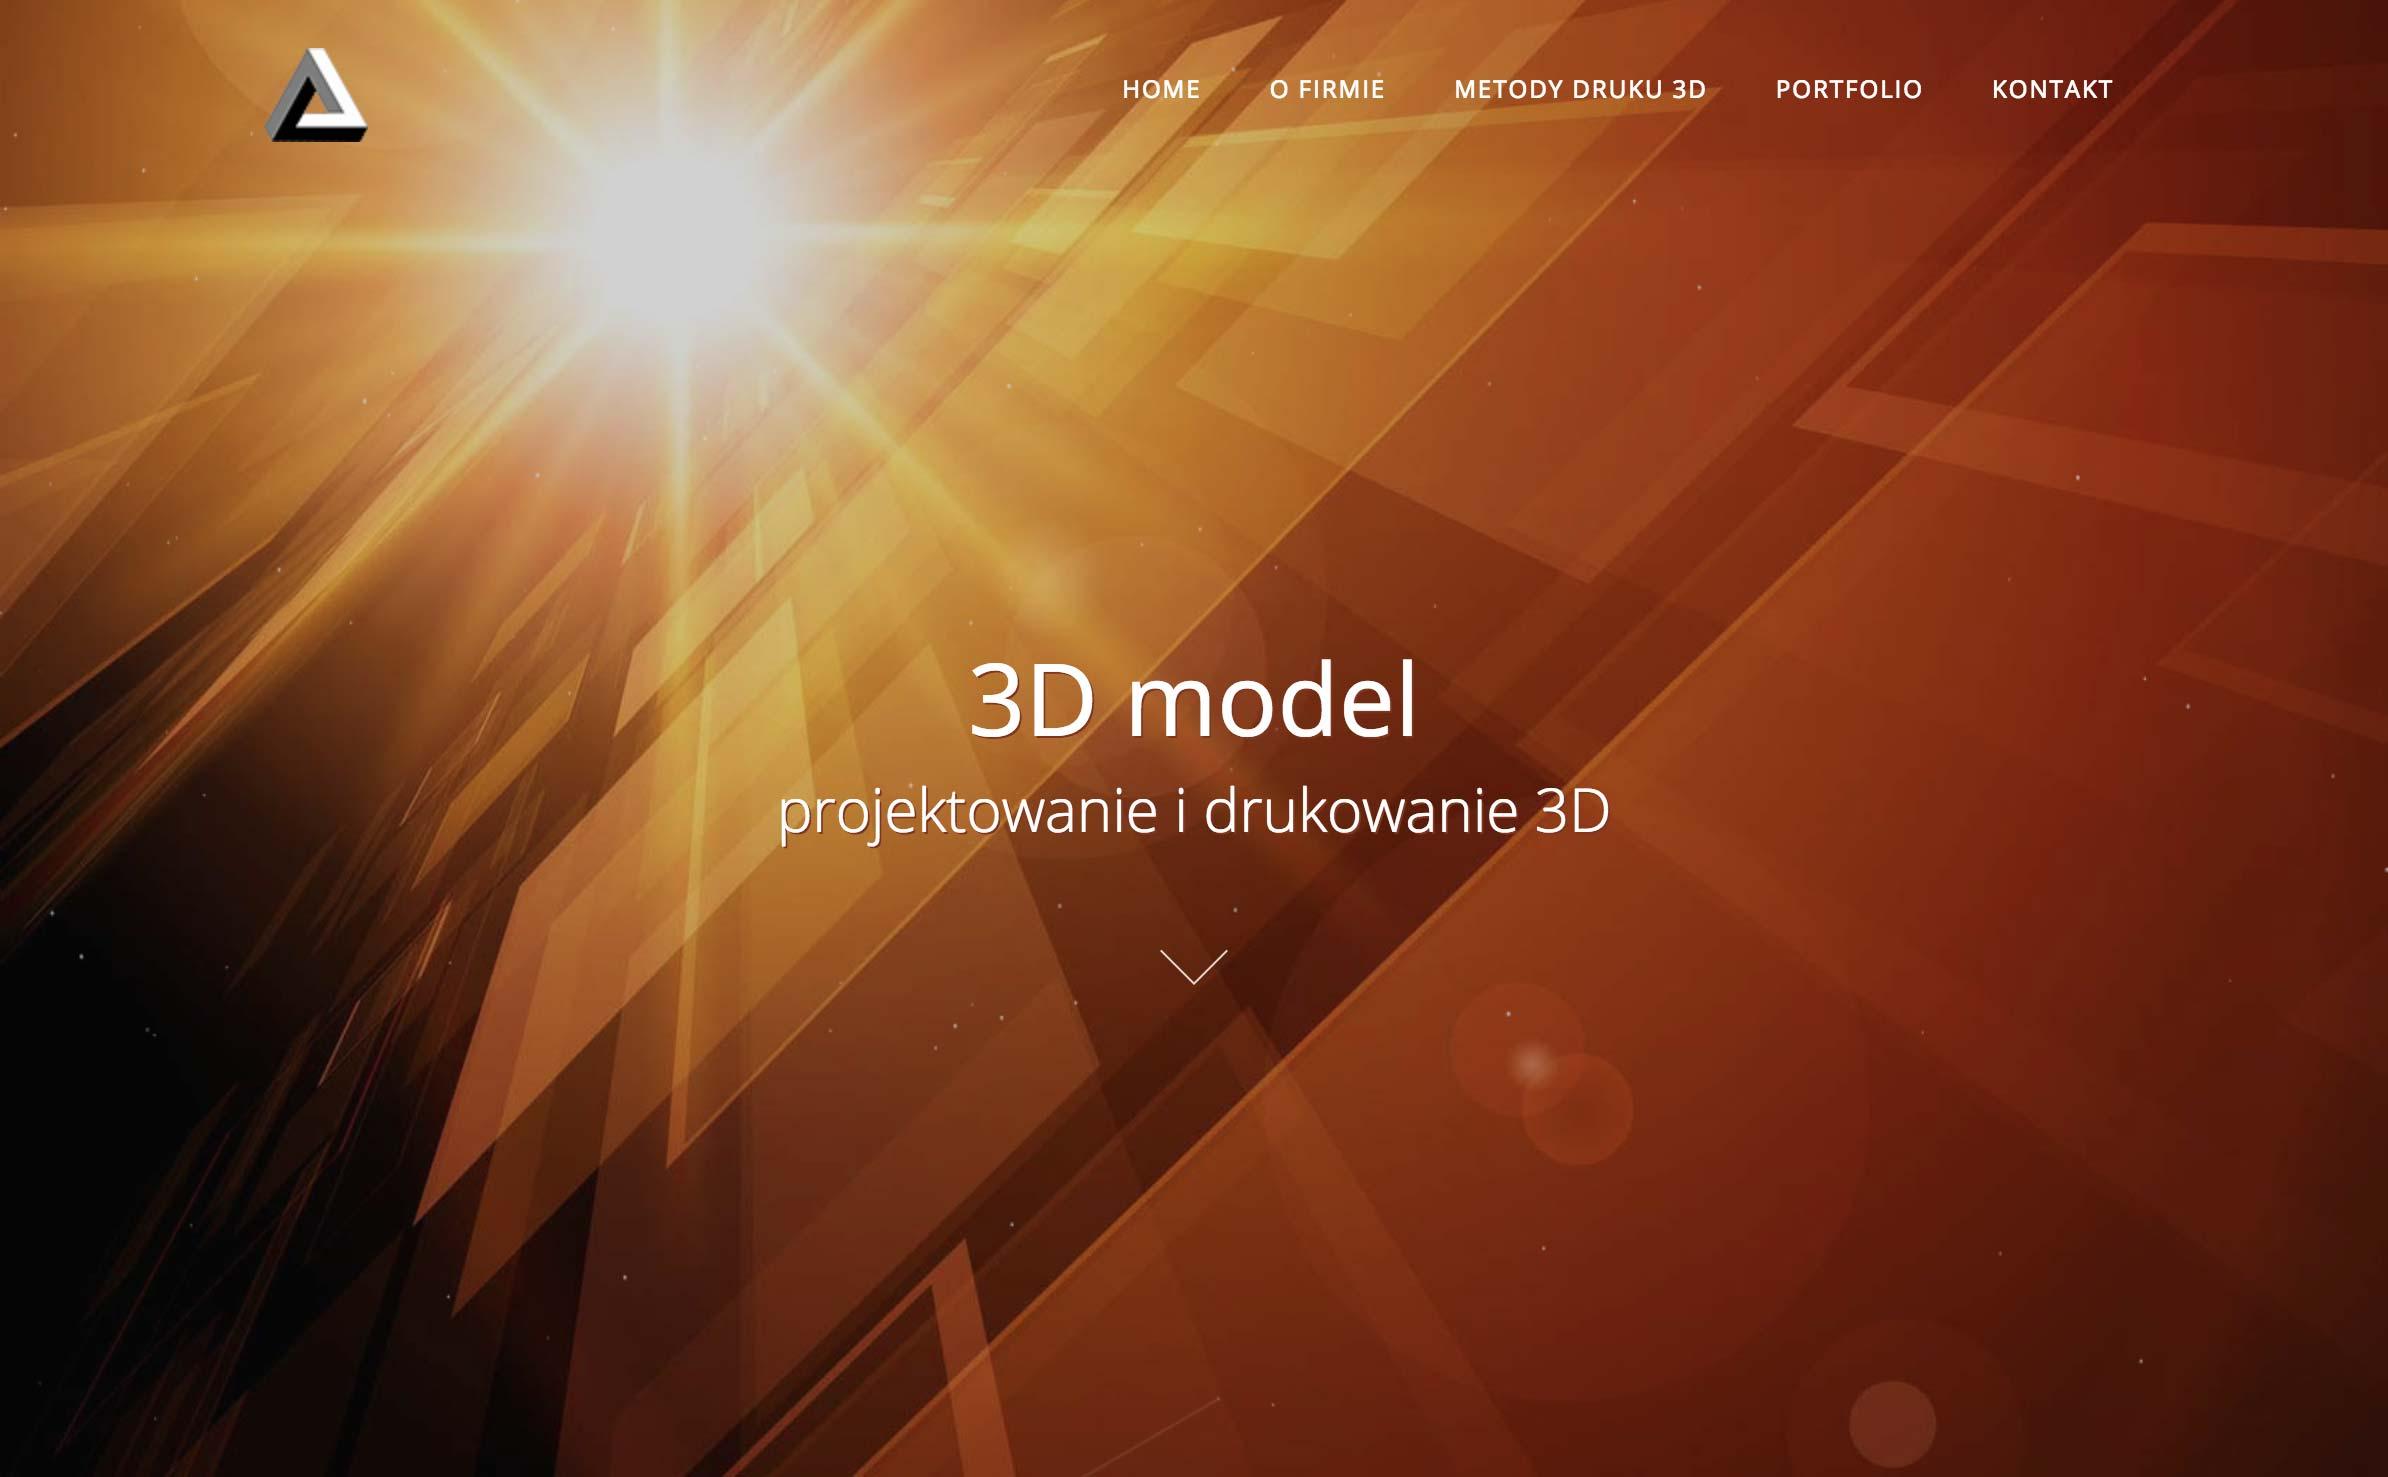 Projektowanie stron internetowych, Projektowanie stron responsywnych, Nowoczesne strony internetowe, Wordpress - Projekt dla firmy 3D Model